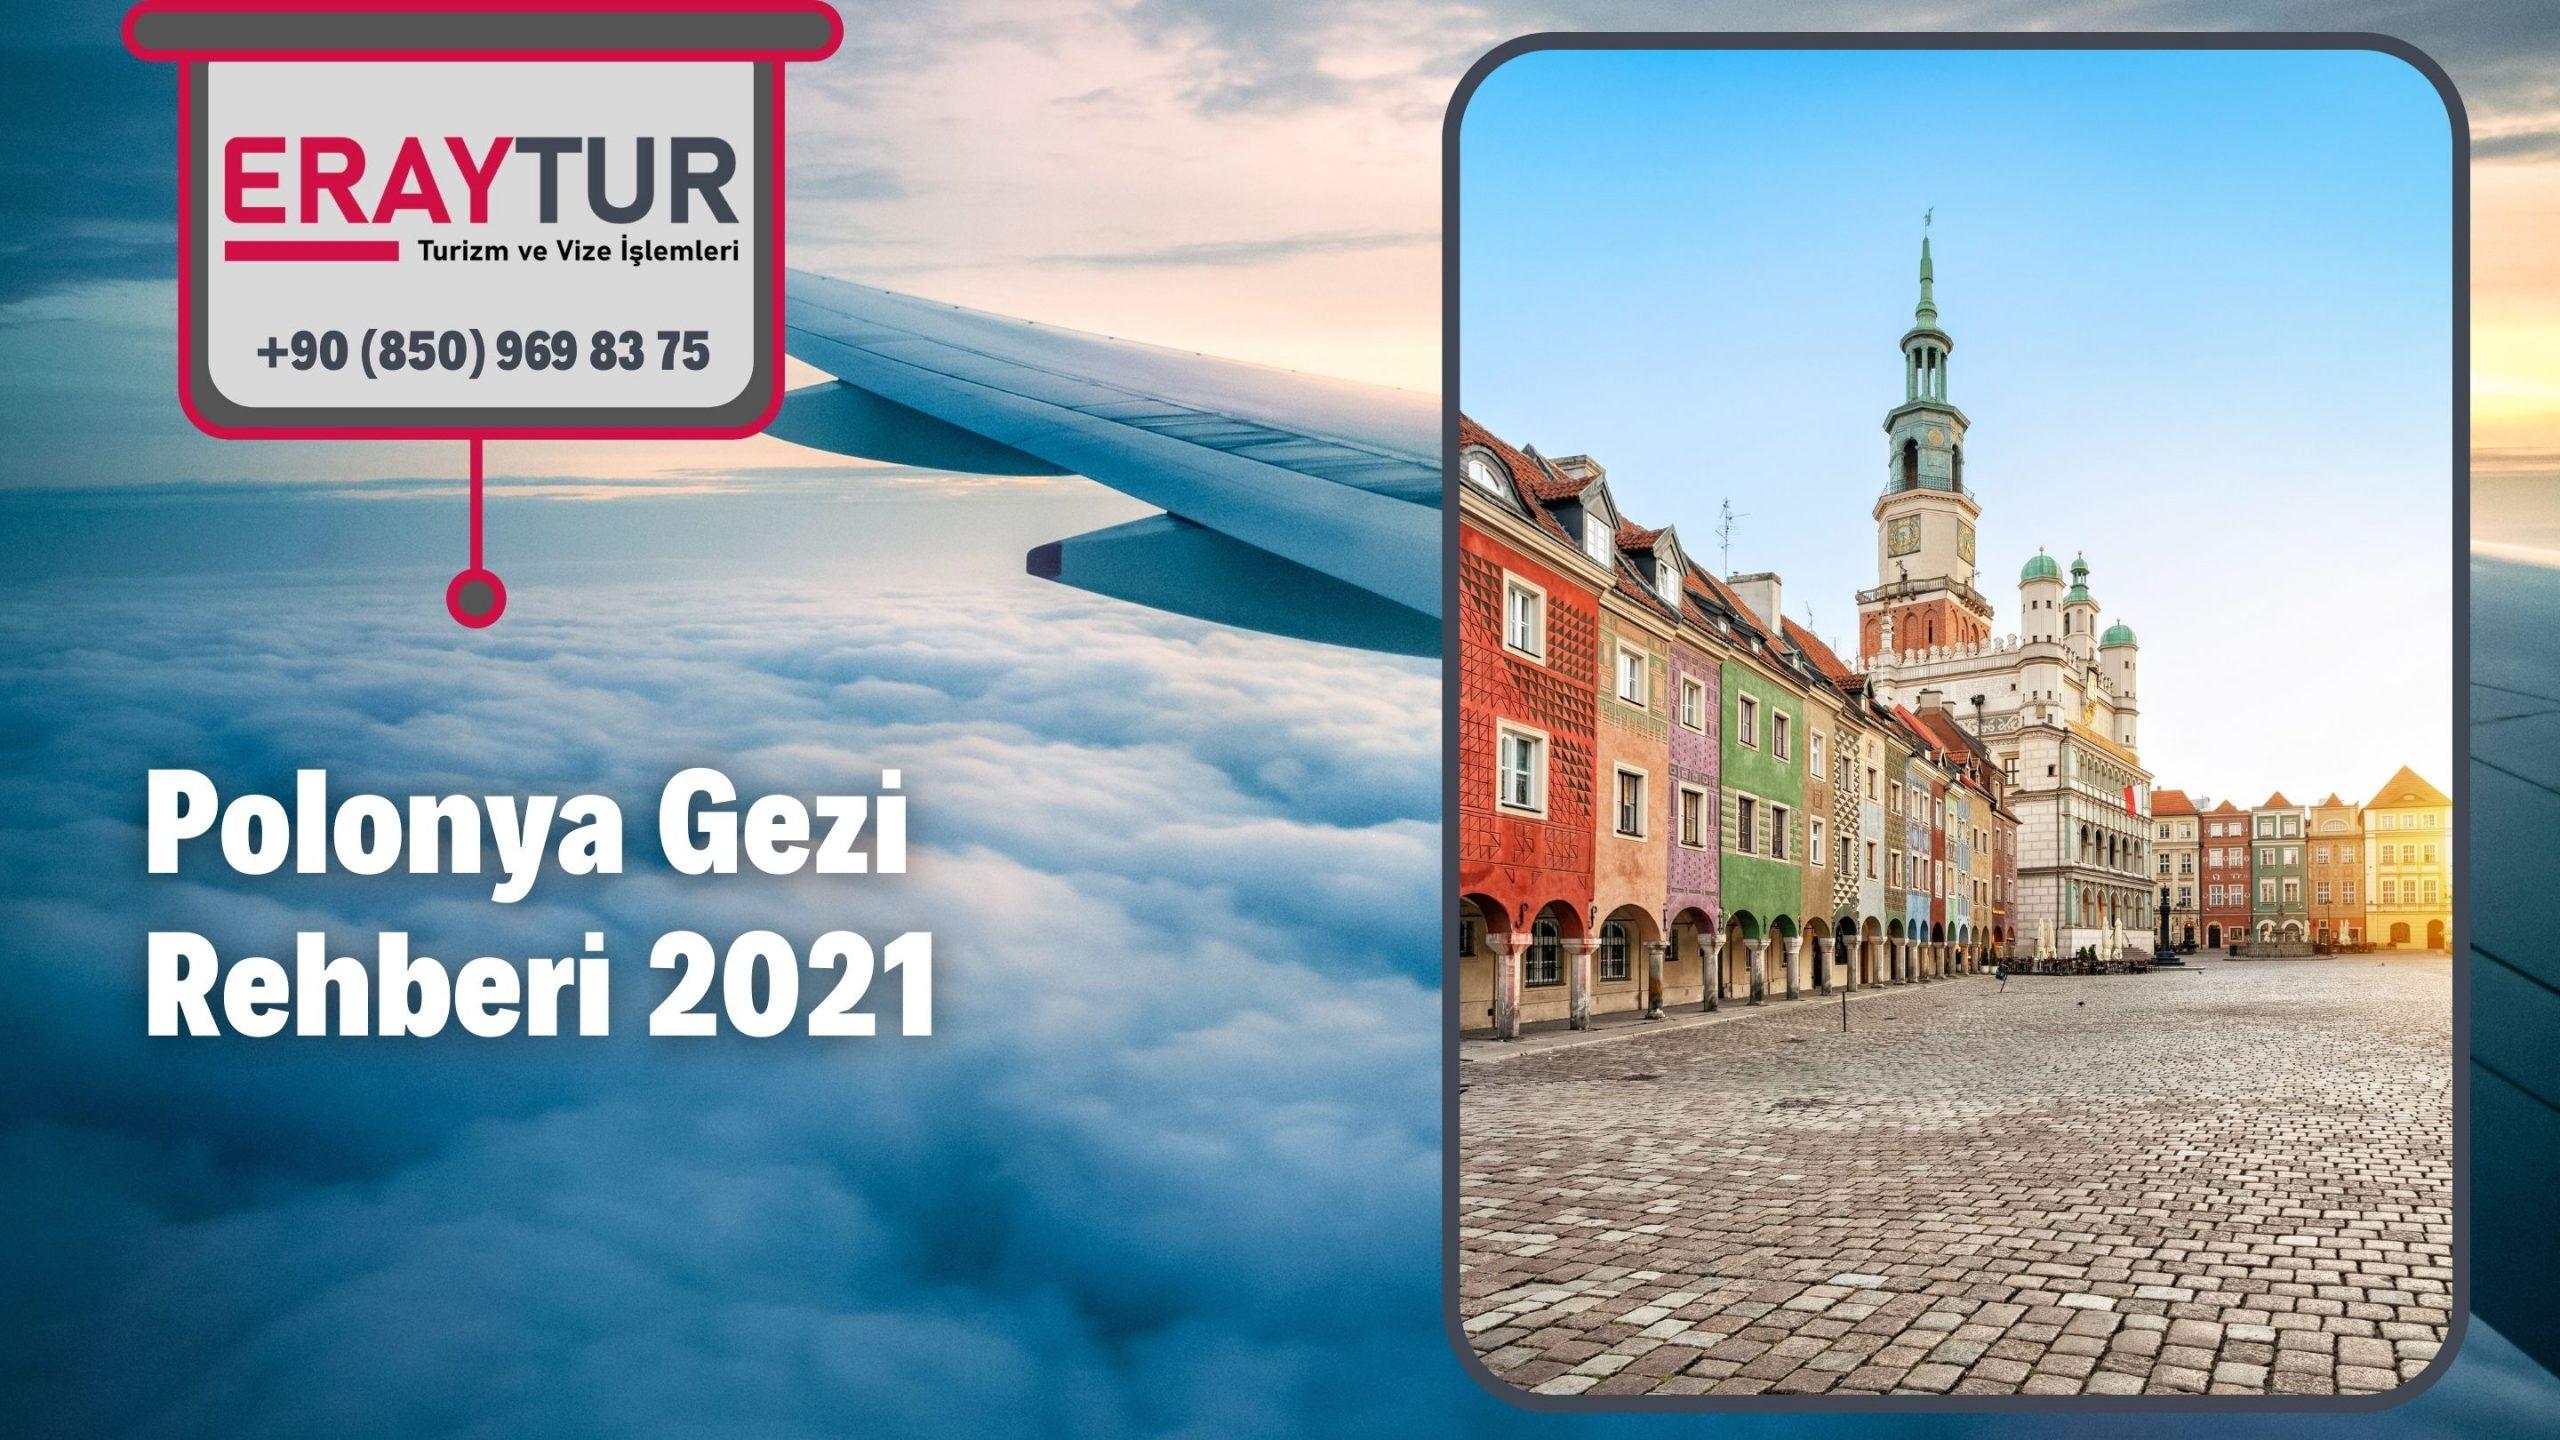 Polonya Gezi Rehberi 2021